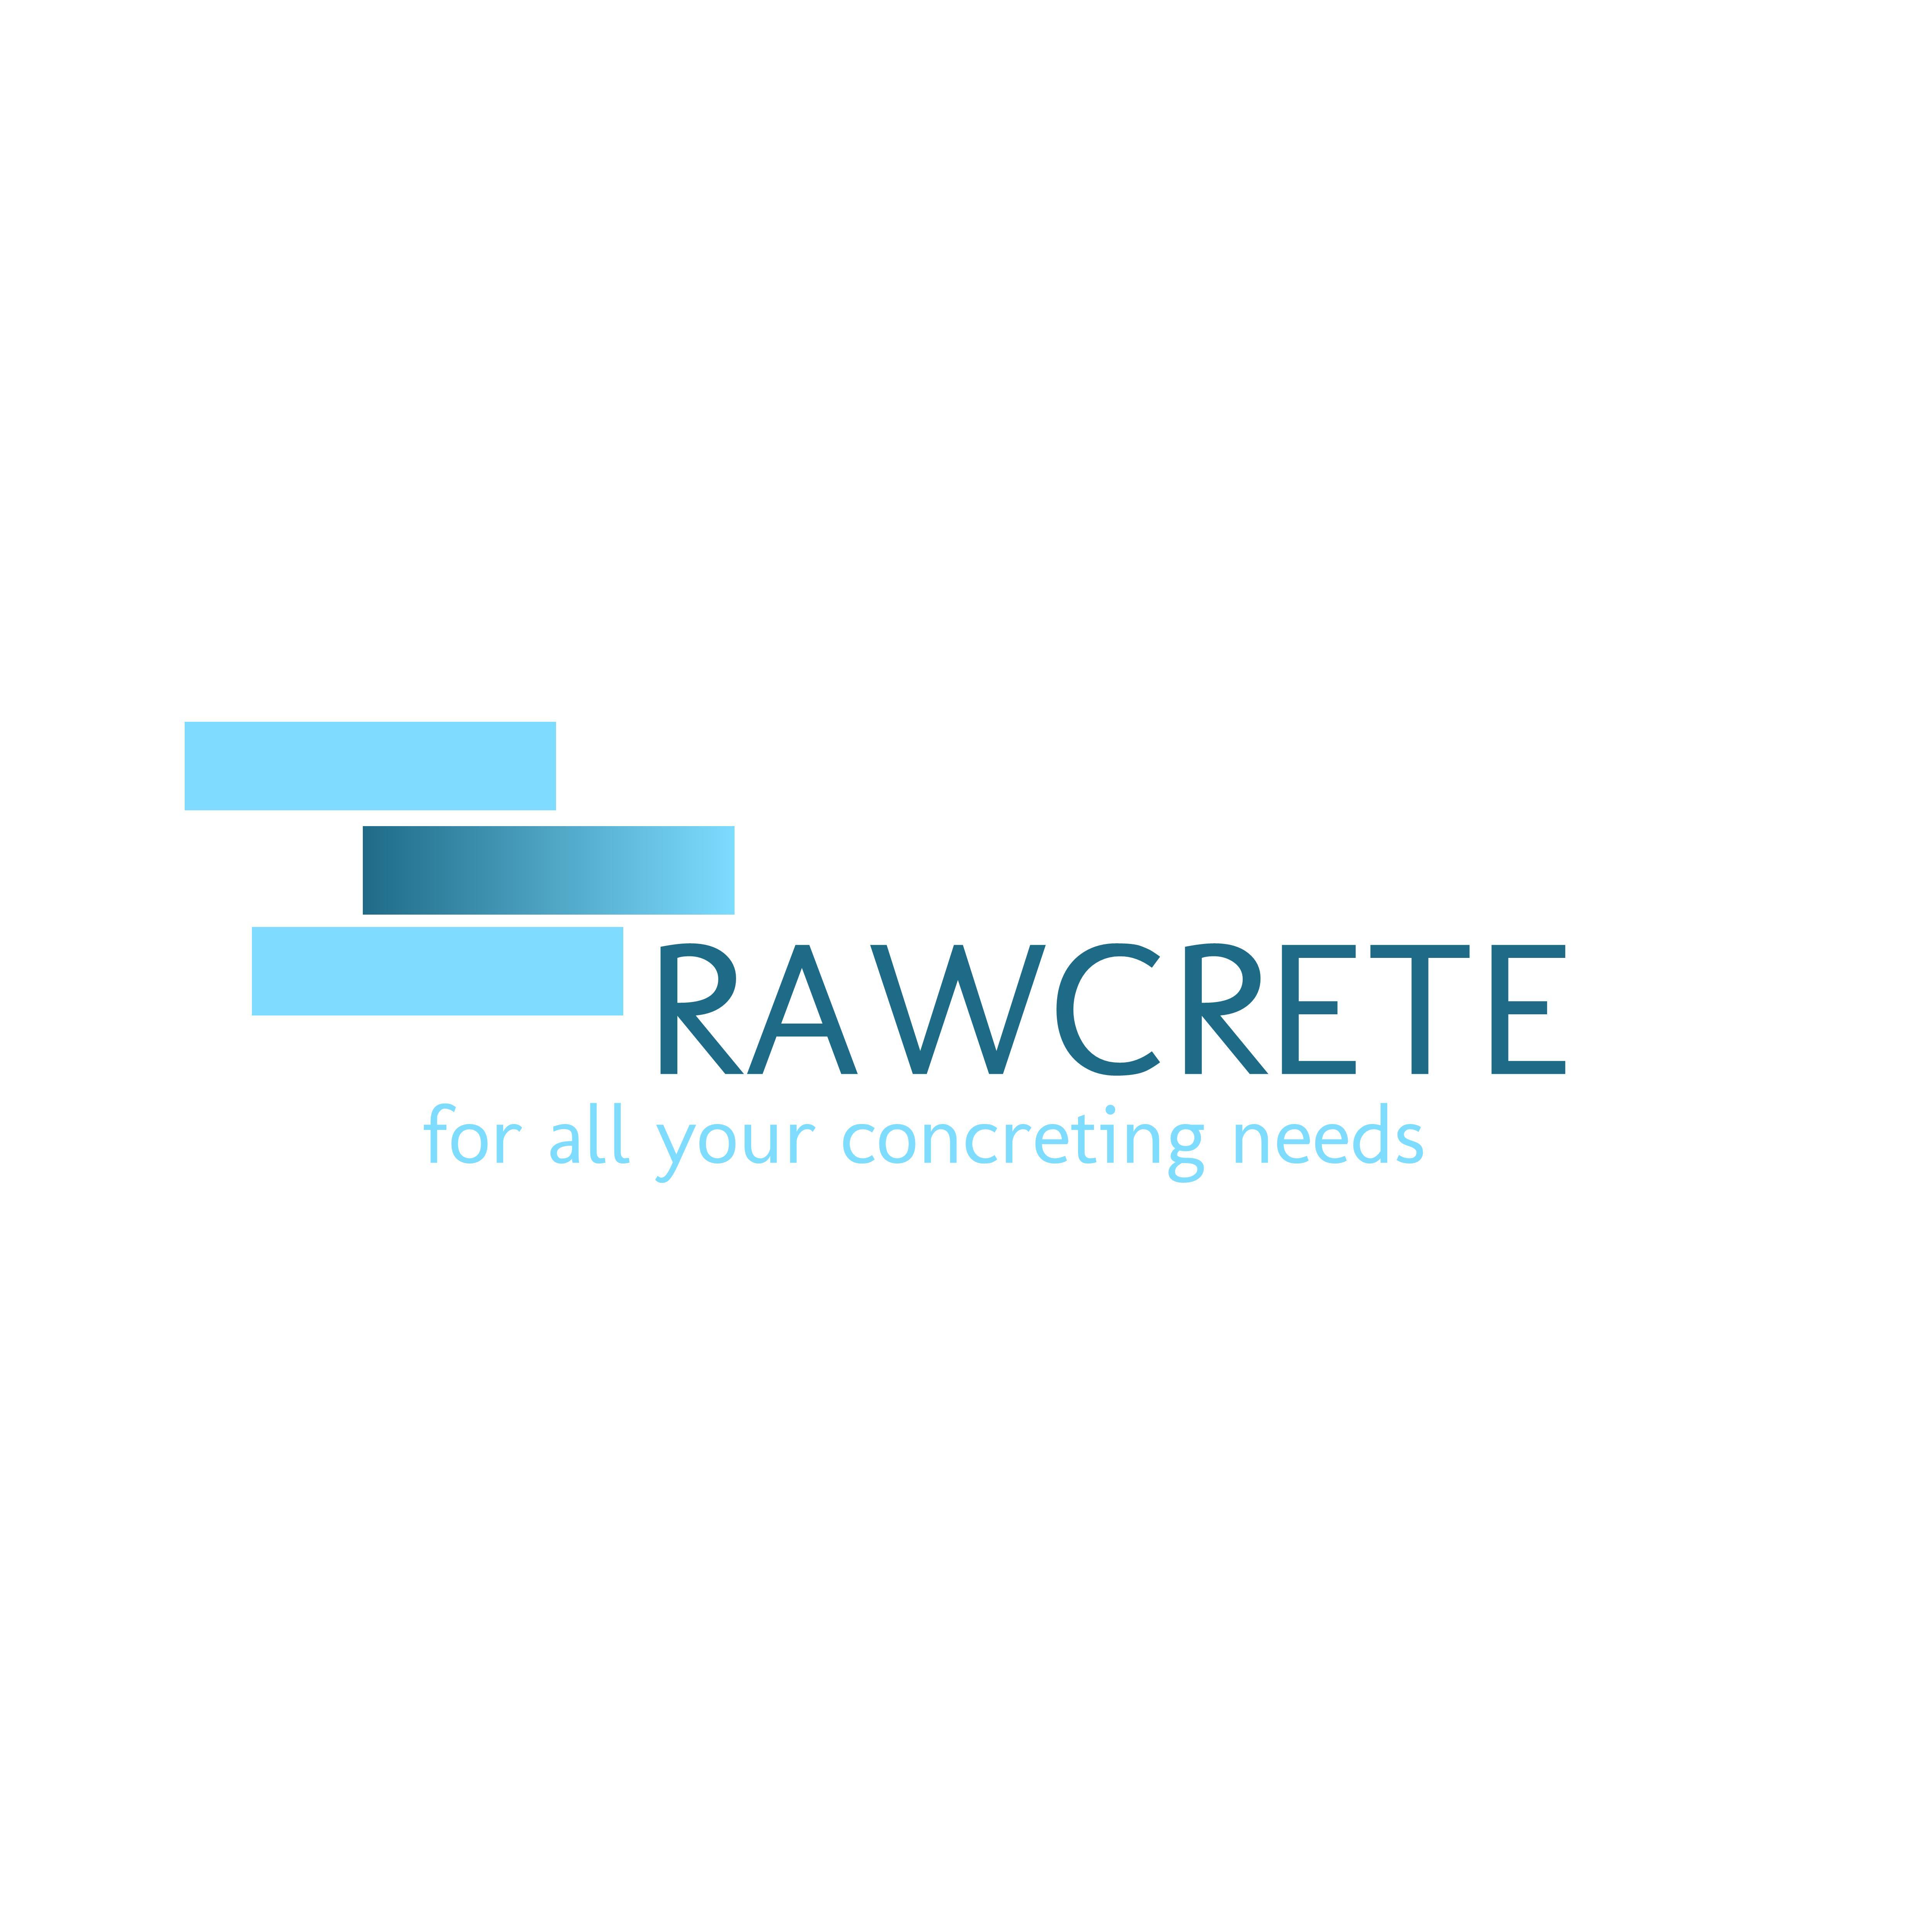 RAWCRETE